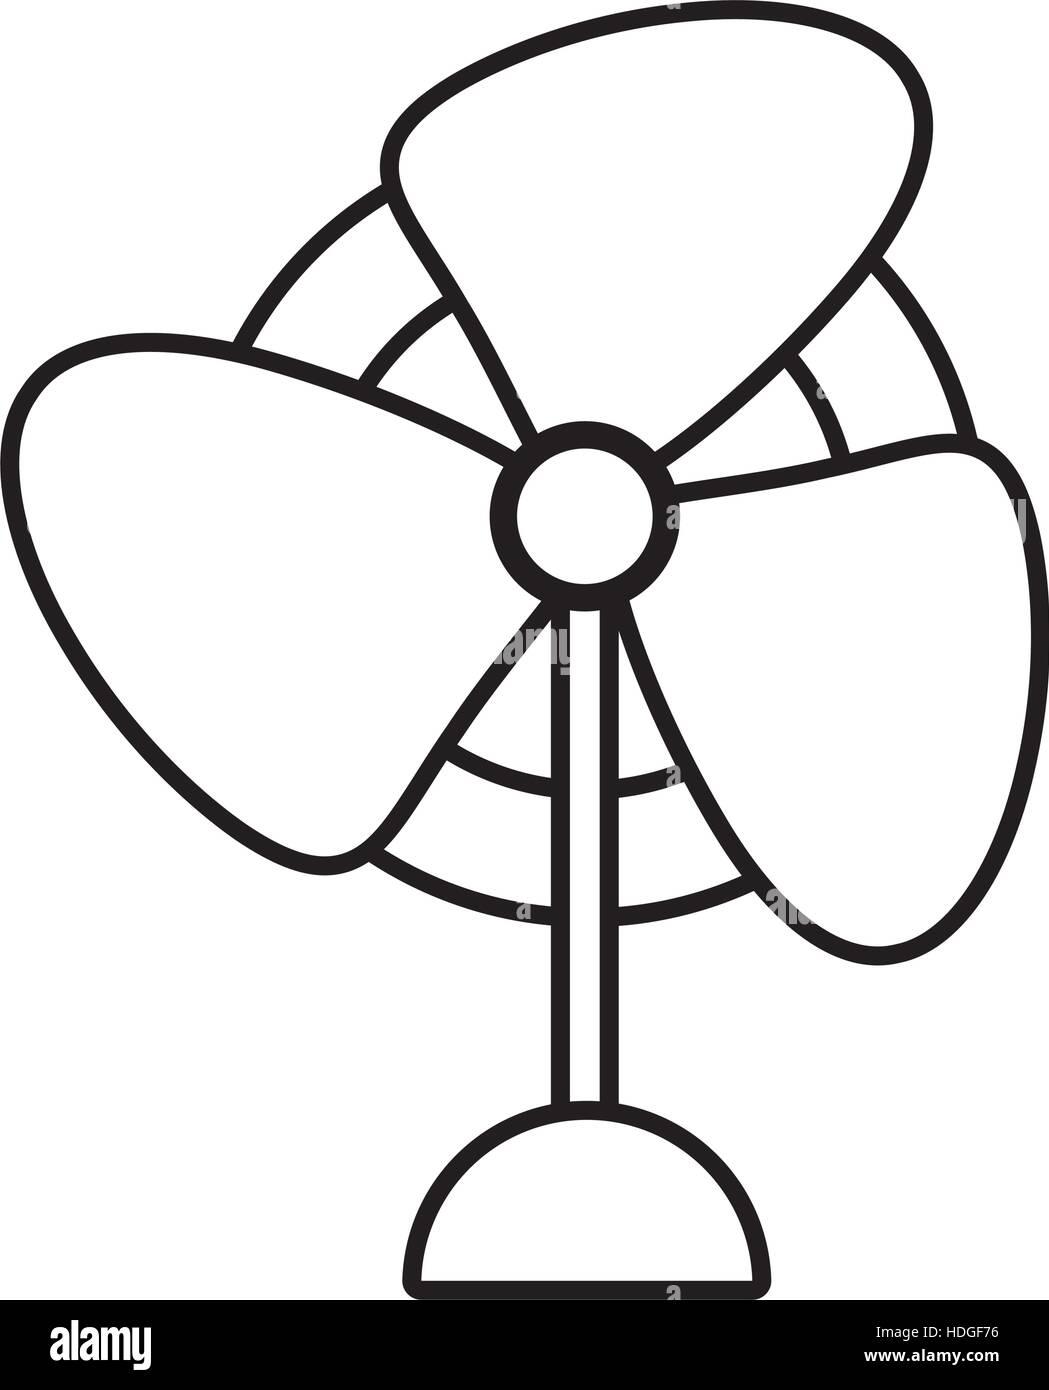 Fan Blade Outline : Pedestal fan electronic domestic appliance outline vector